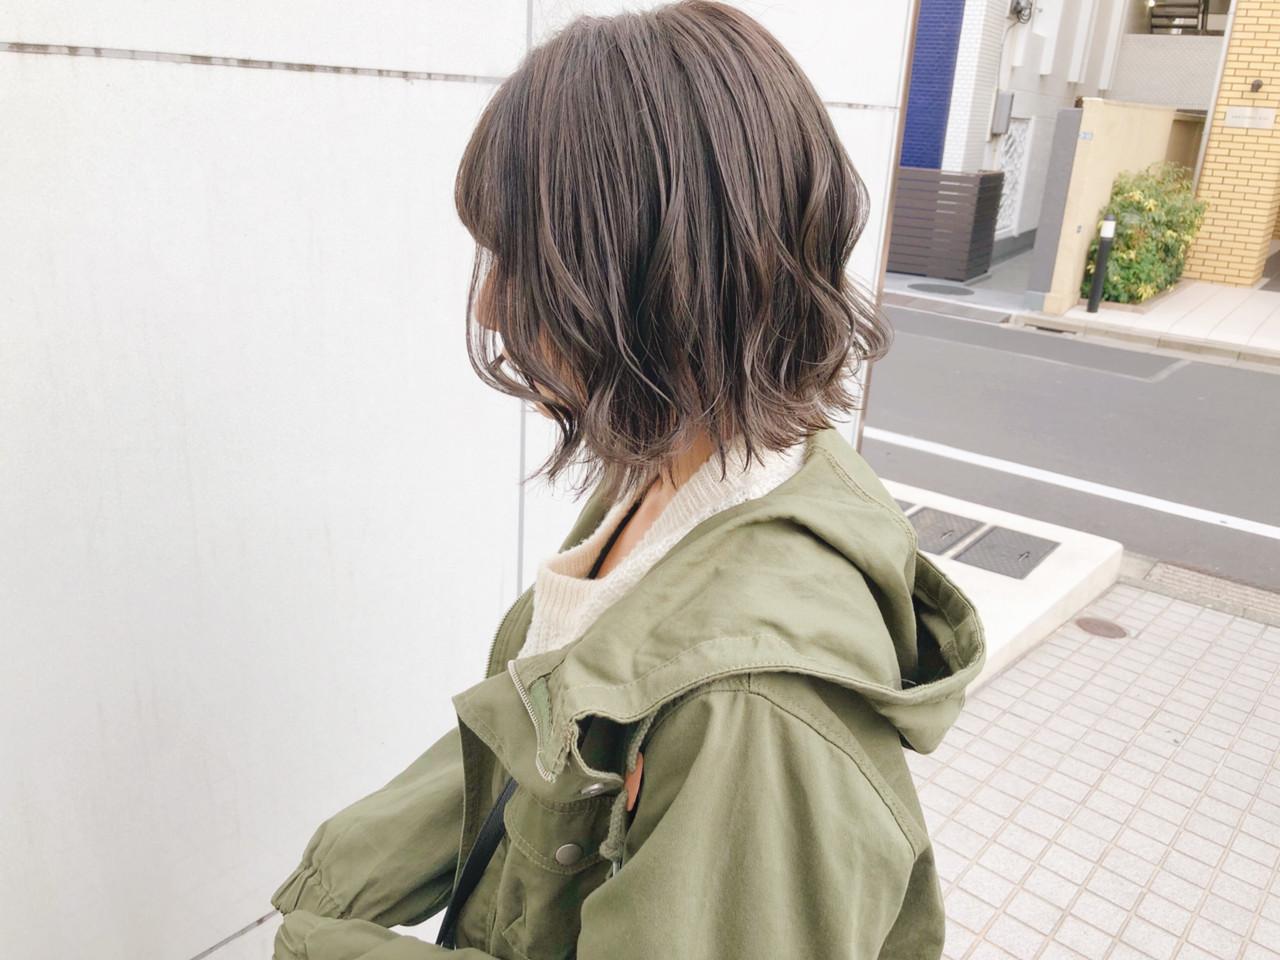 ヘアアレンジ 簡単ヘアアレンジ ボブ ストリート ヘアスタイルや髪型の写真・画像